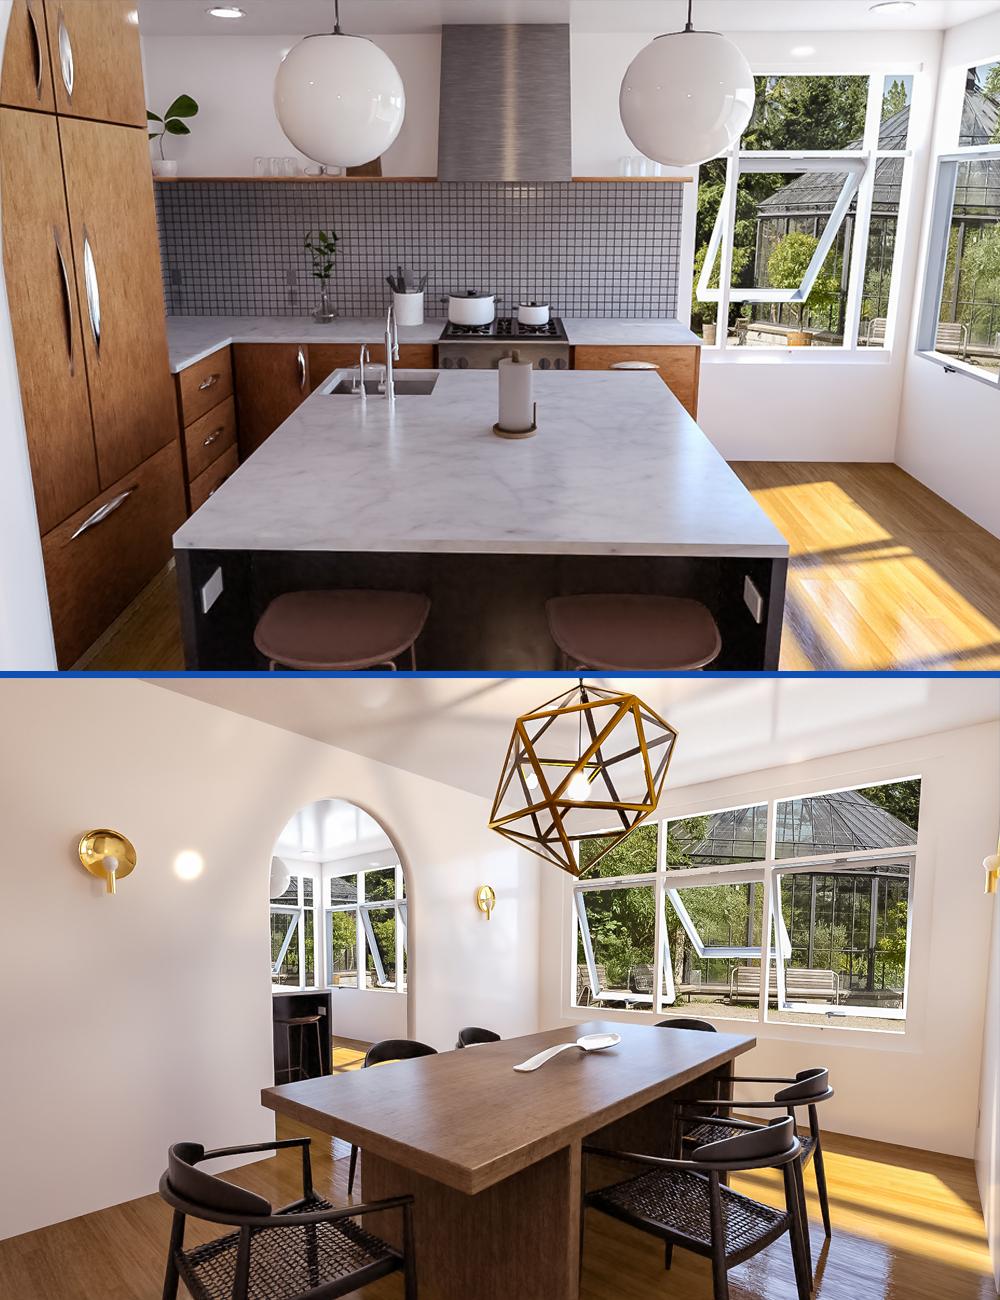 Nostalgic Kitchen by: bituka3d, 3D Models by Daz 3D